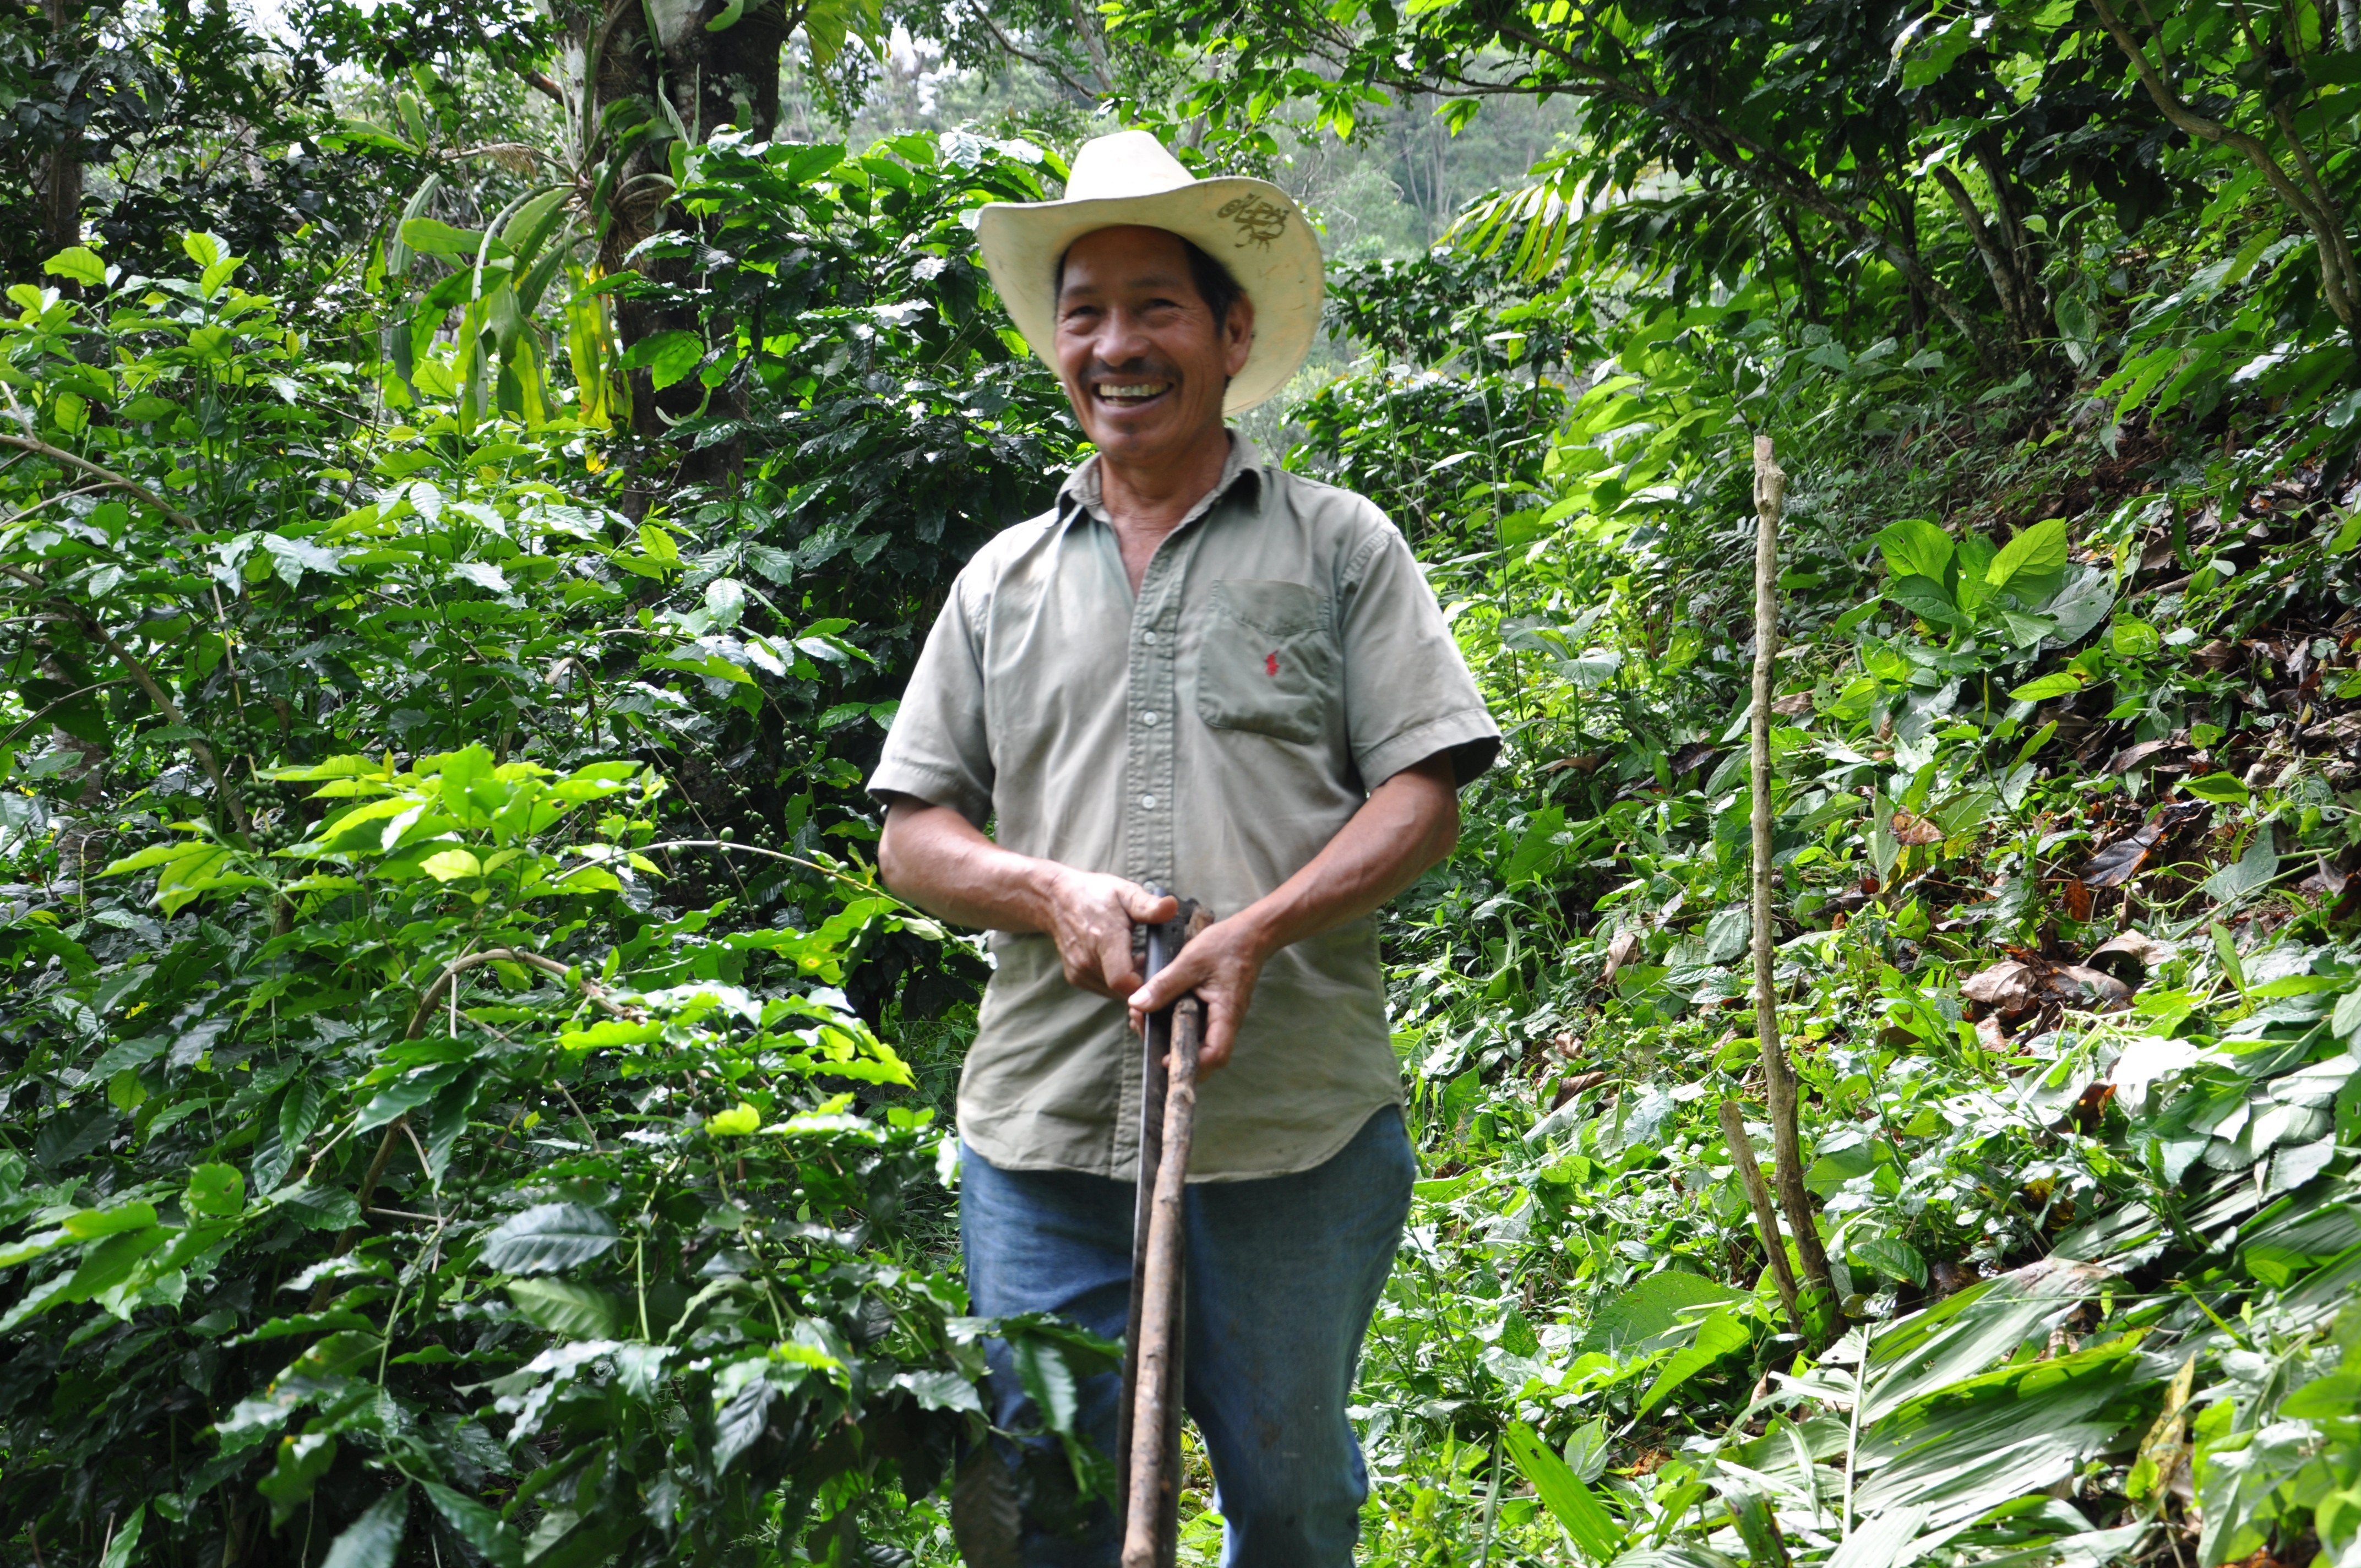 A coffee farmer in Mexico